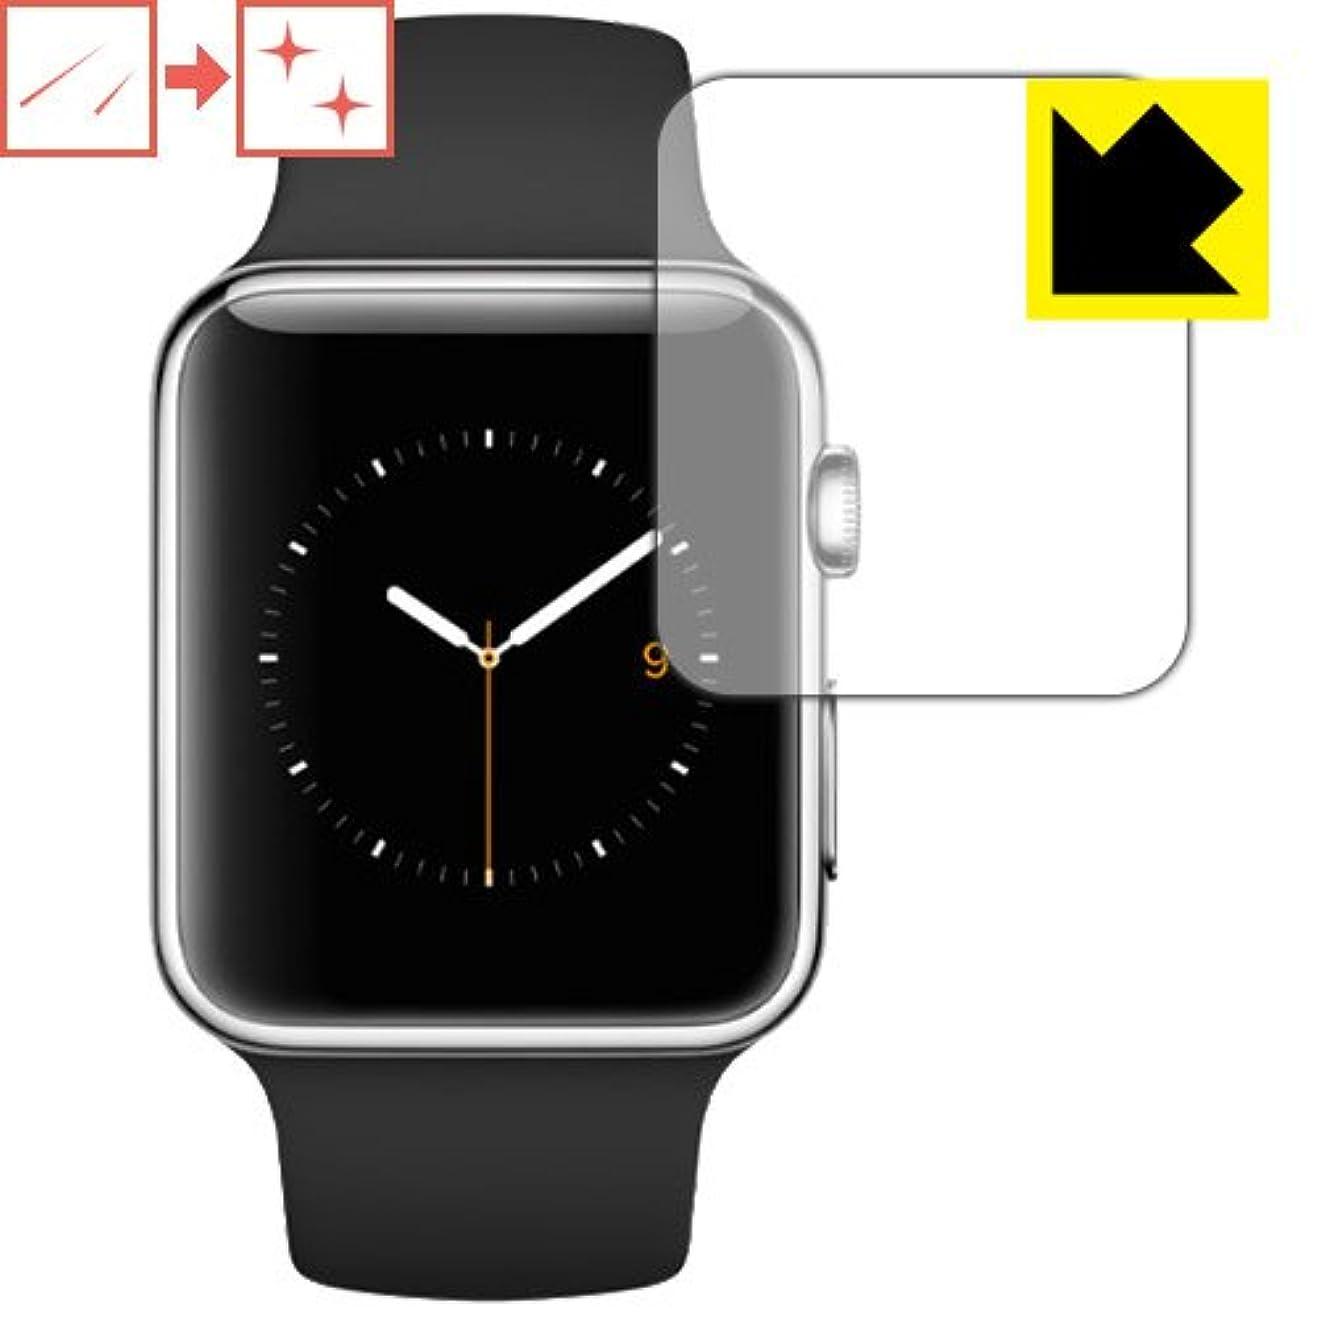 穀物エンターテインメント満足できるキズ自己修復保護フィルム Apple Watch 42mm 日本製